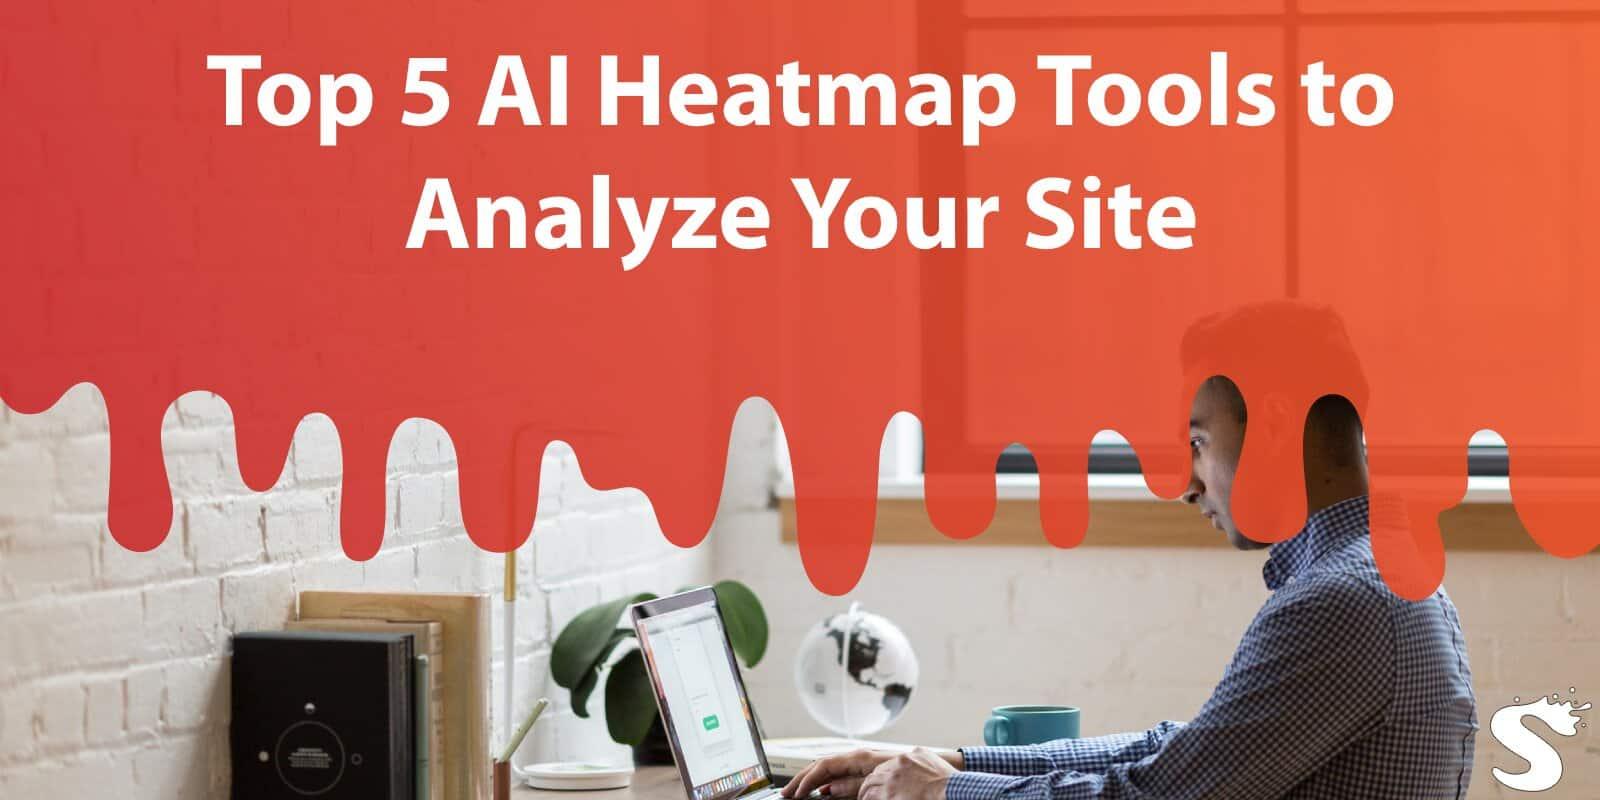 Top 5 Ai Heatmap Tools